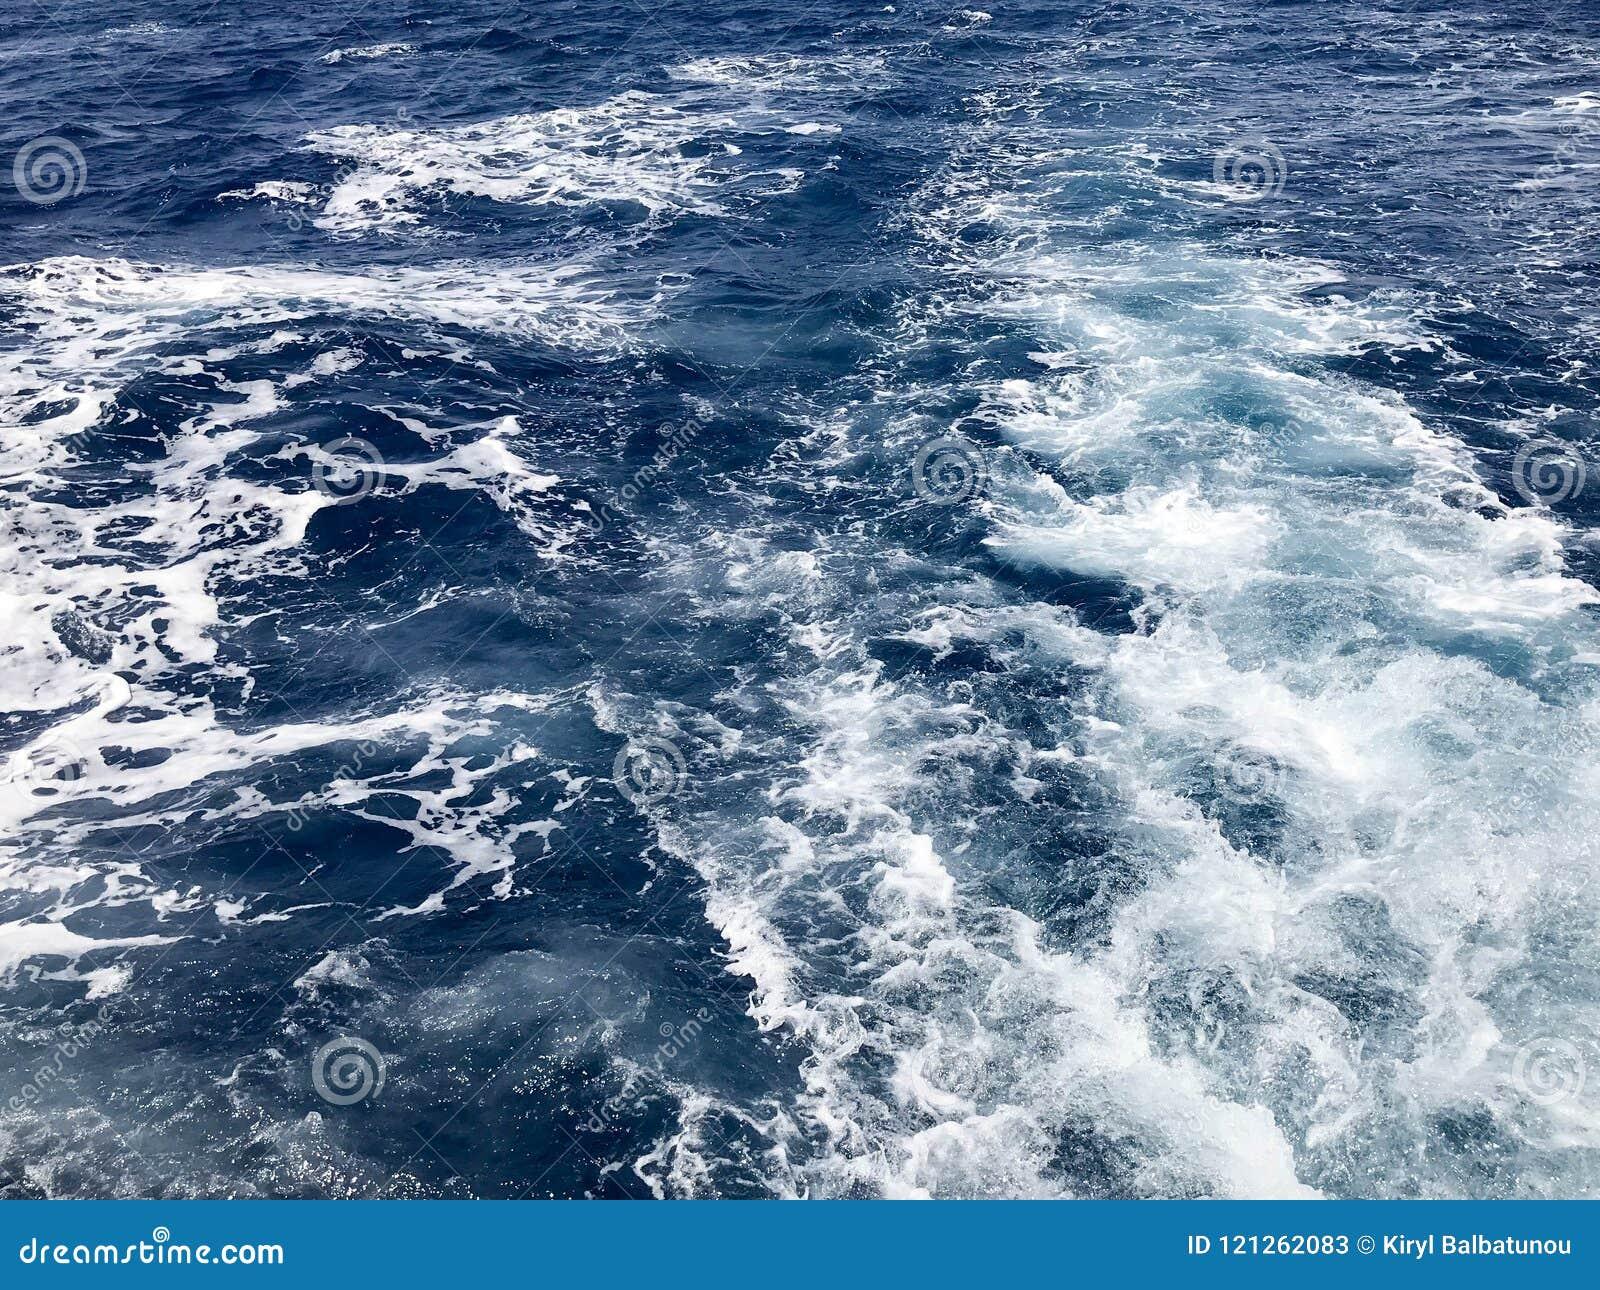 Текстура бурля голубой соленой воды моря с волнами, расслоины, пузыри, пена, трассировки после быстрой плавая тележки, шлюпки сно